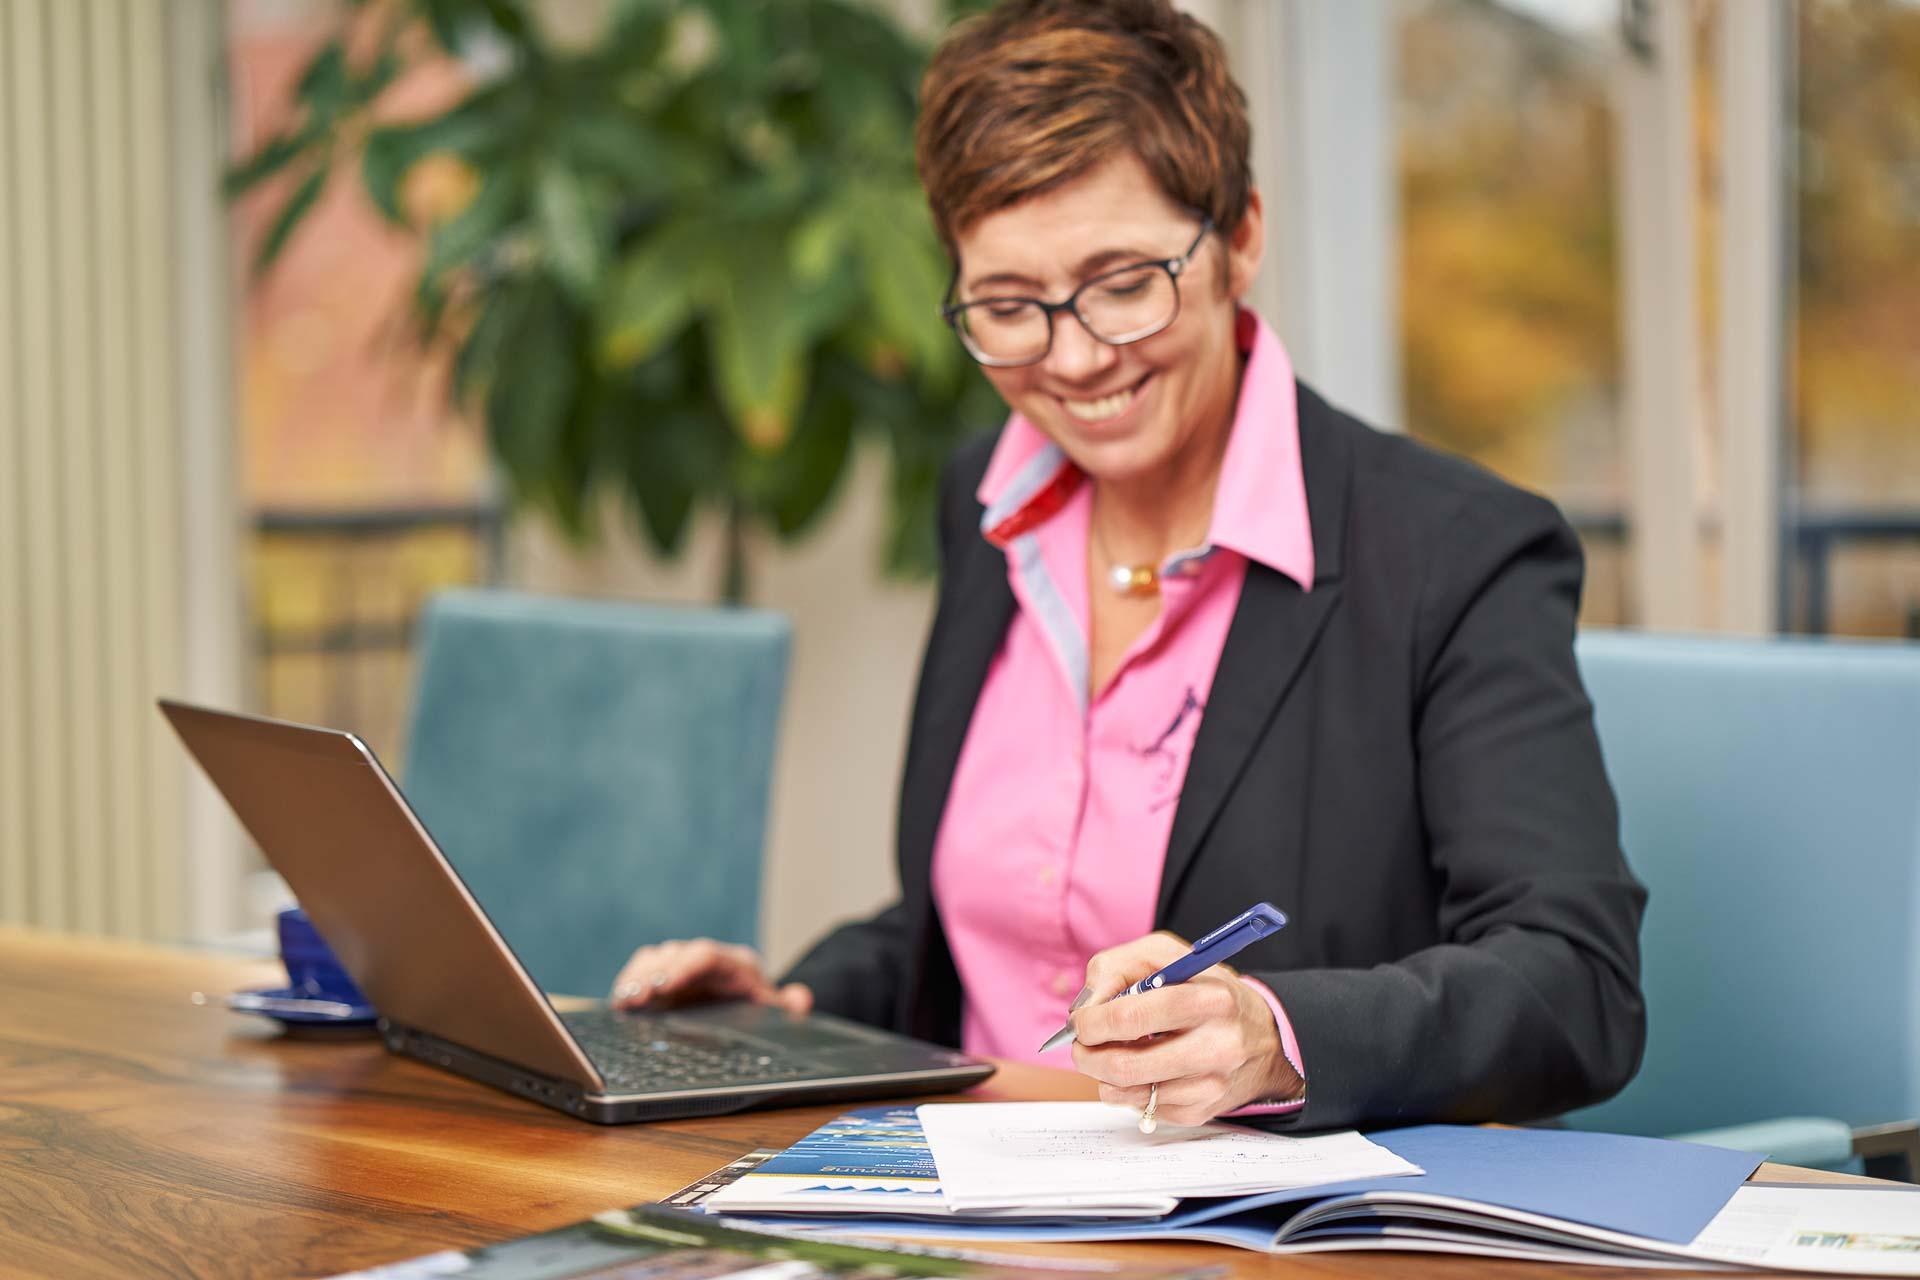 Corporateshooting für die neue Webseite und zur Gewinnung von neuen Mitarbeitern. Fotografiert in einer Villa in Berlin Zehlendorf. Mitarbeiterin notiert sich etwas auf einen Block und lächelt dabei.